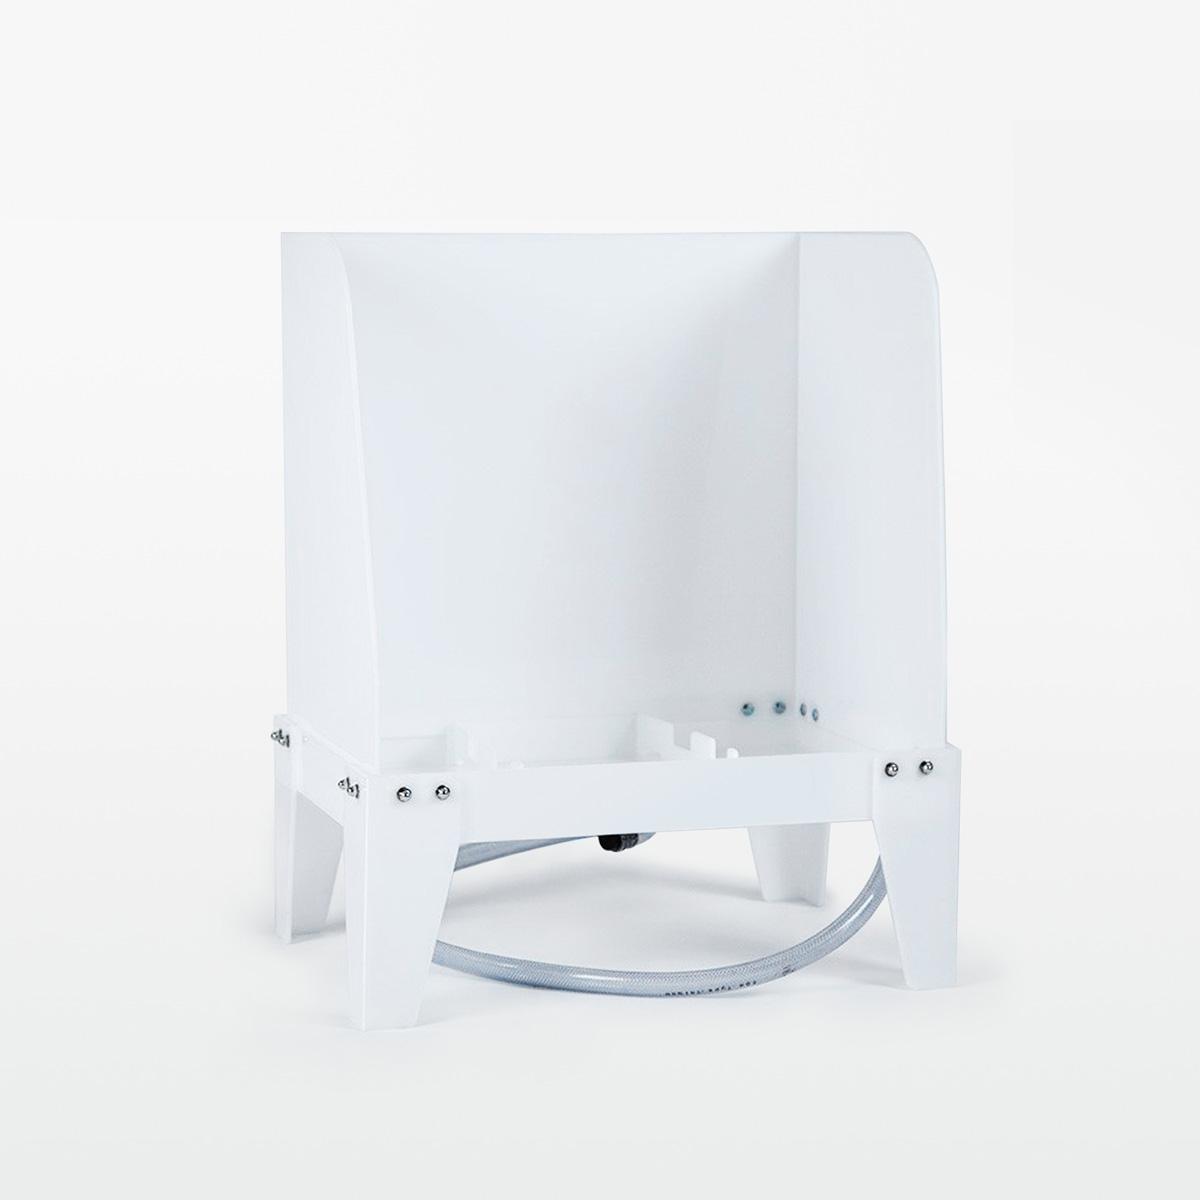 waschbecken reinigen unsere sple aus granit reinigen und pflegen im test youtube with. Black Bedroom Furniture Sets. Home Design Ideas